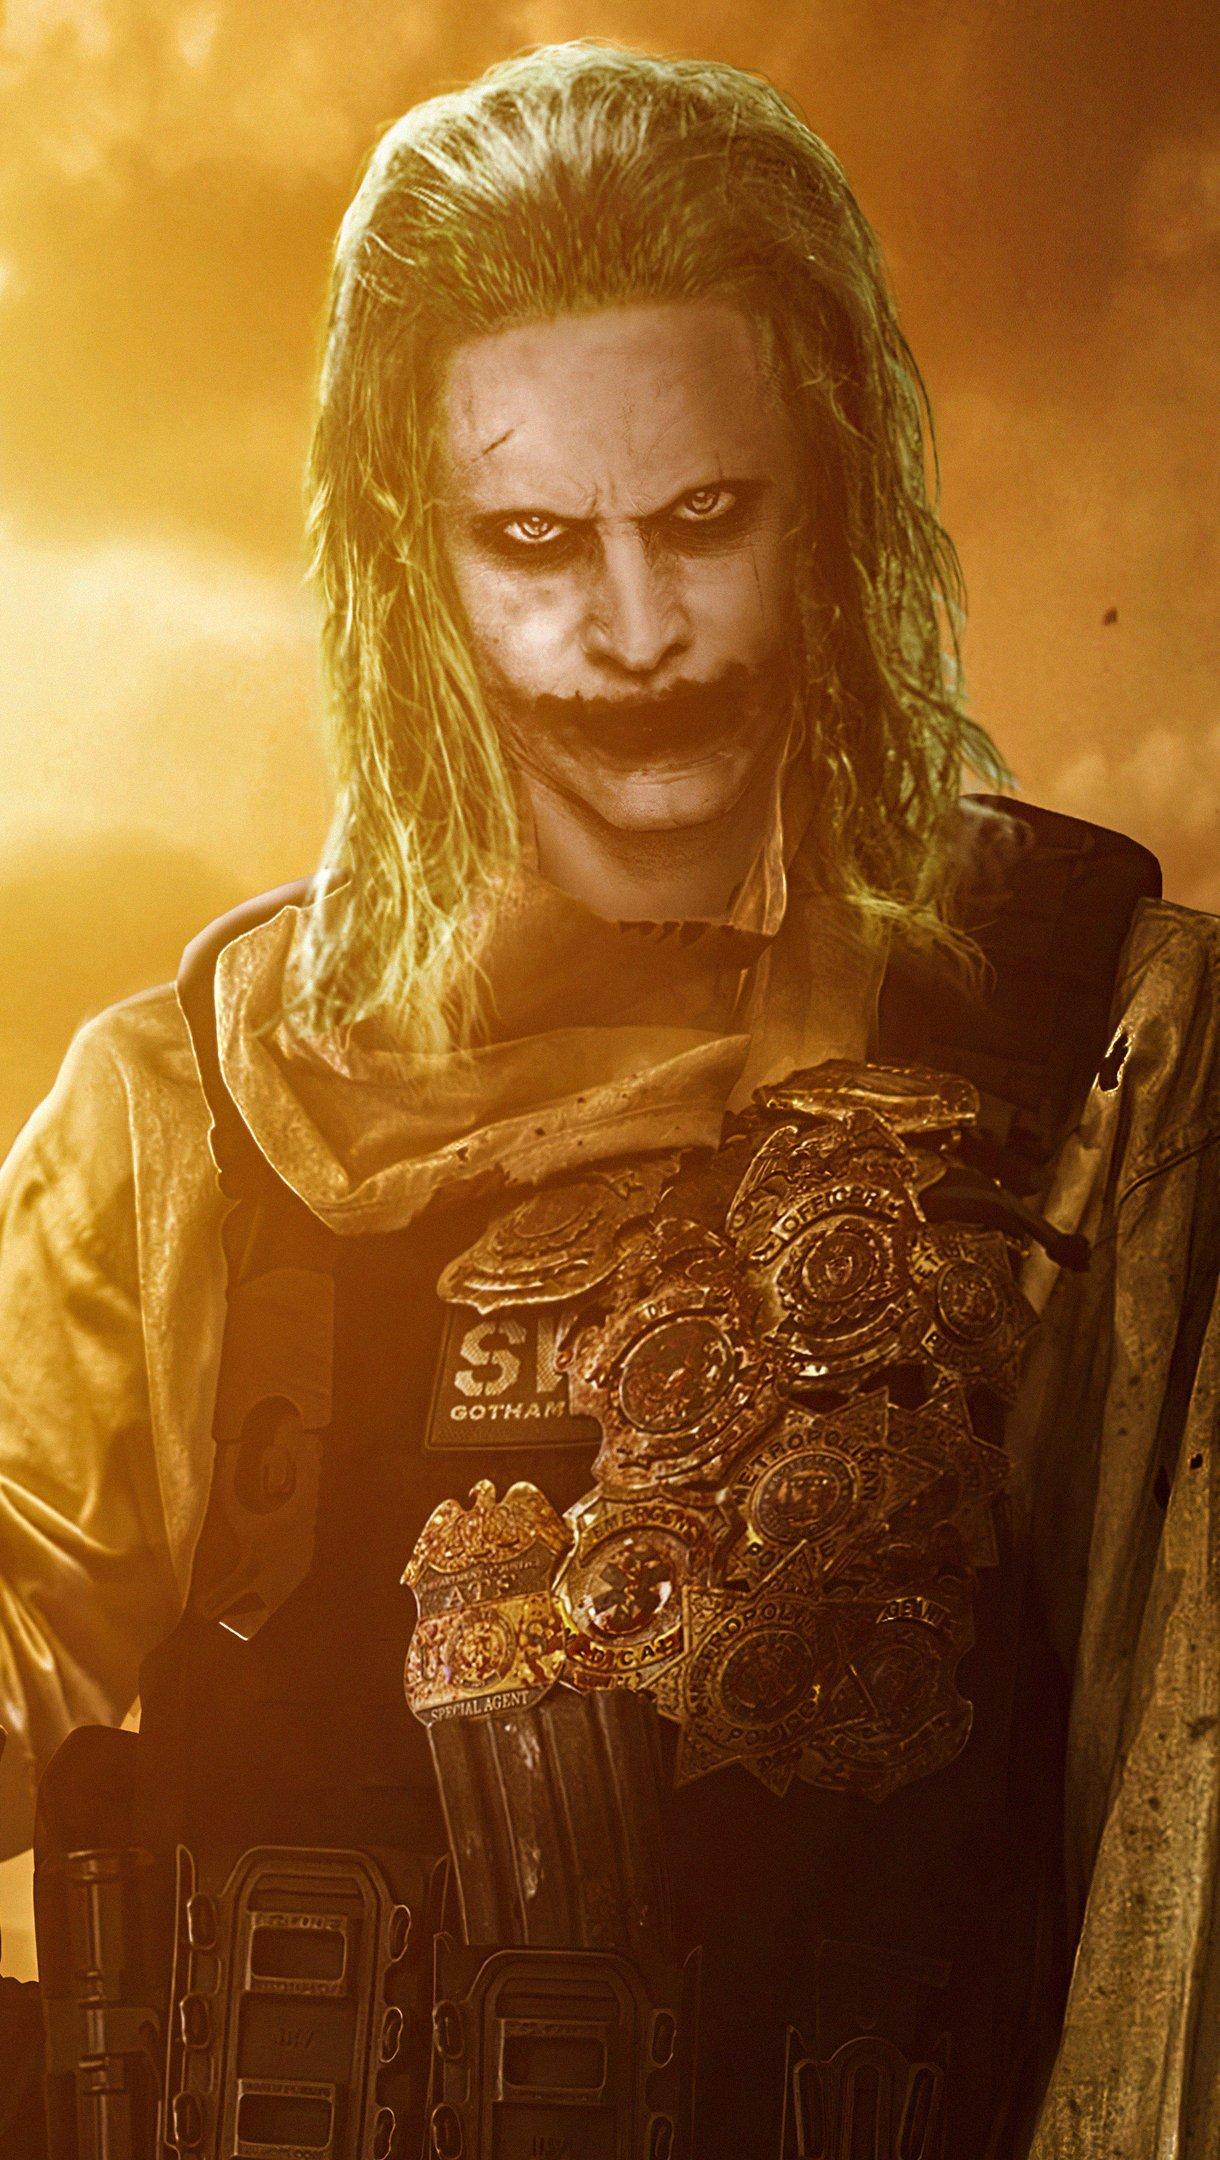 Fondos de pantalla Jared Leto como el Guasón en Liga de la justicia 2021 Vertical